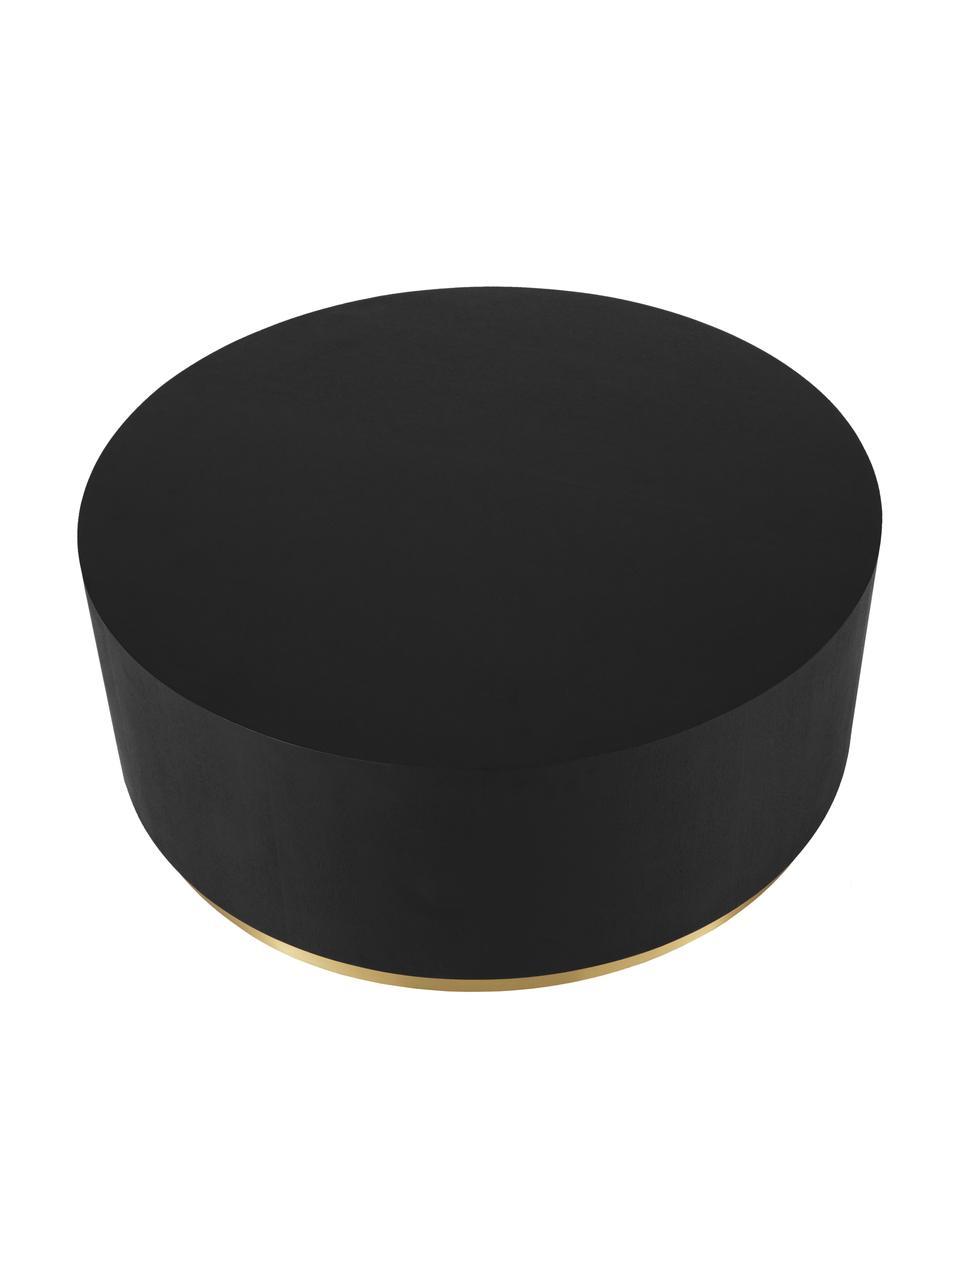 Duży stolik kawowy Clarice, Korpus: płyta pilśniowa średniej , Noga: metal powlekany, Korpus: drewno jesionowe, czarny lakierowany Noga: odcienie złotego, Ø 90 x W 35 cm